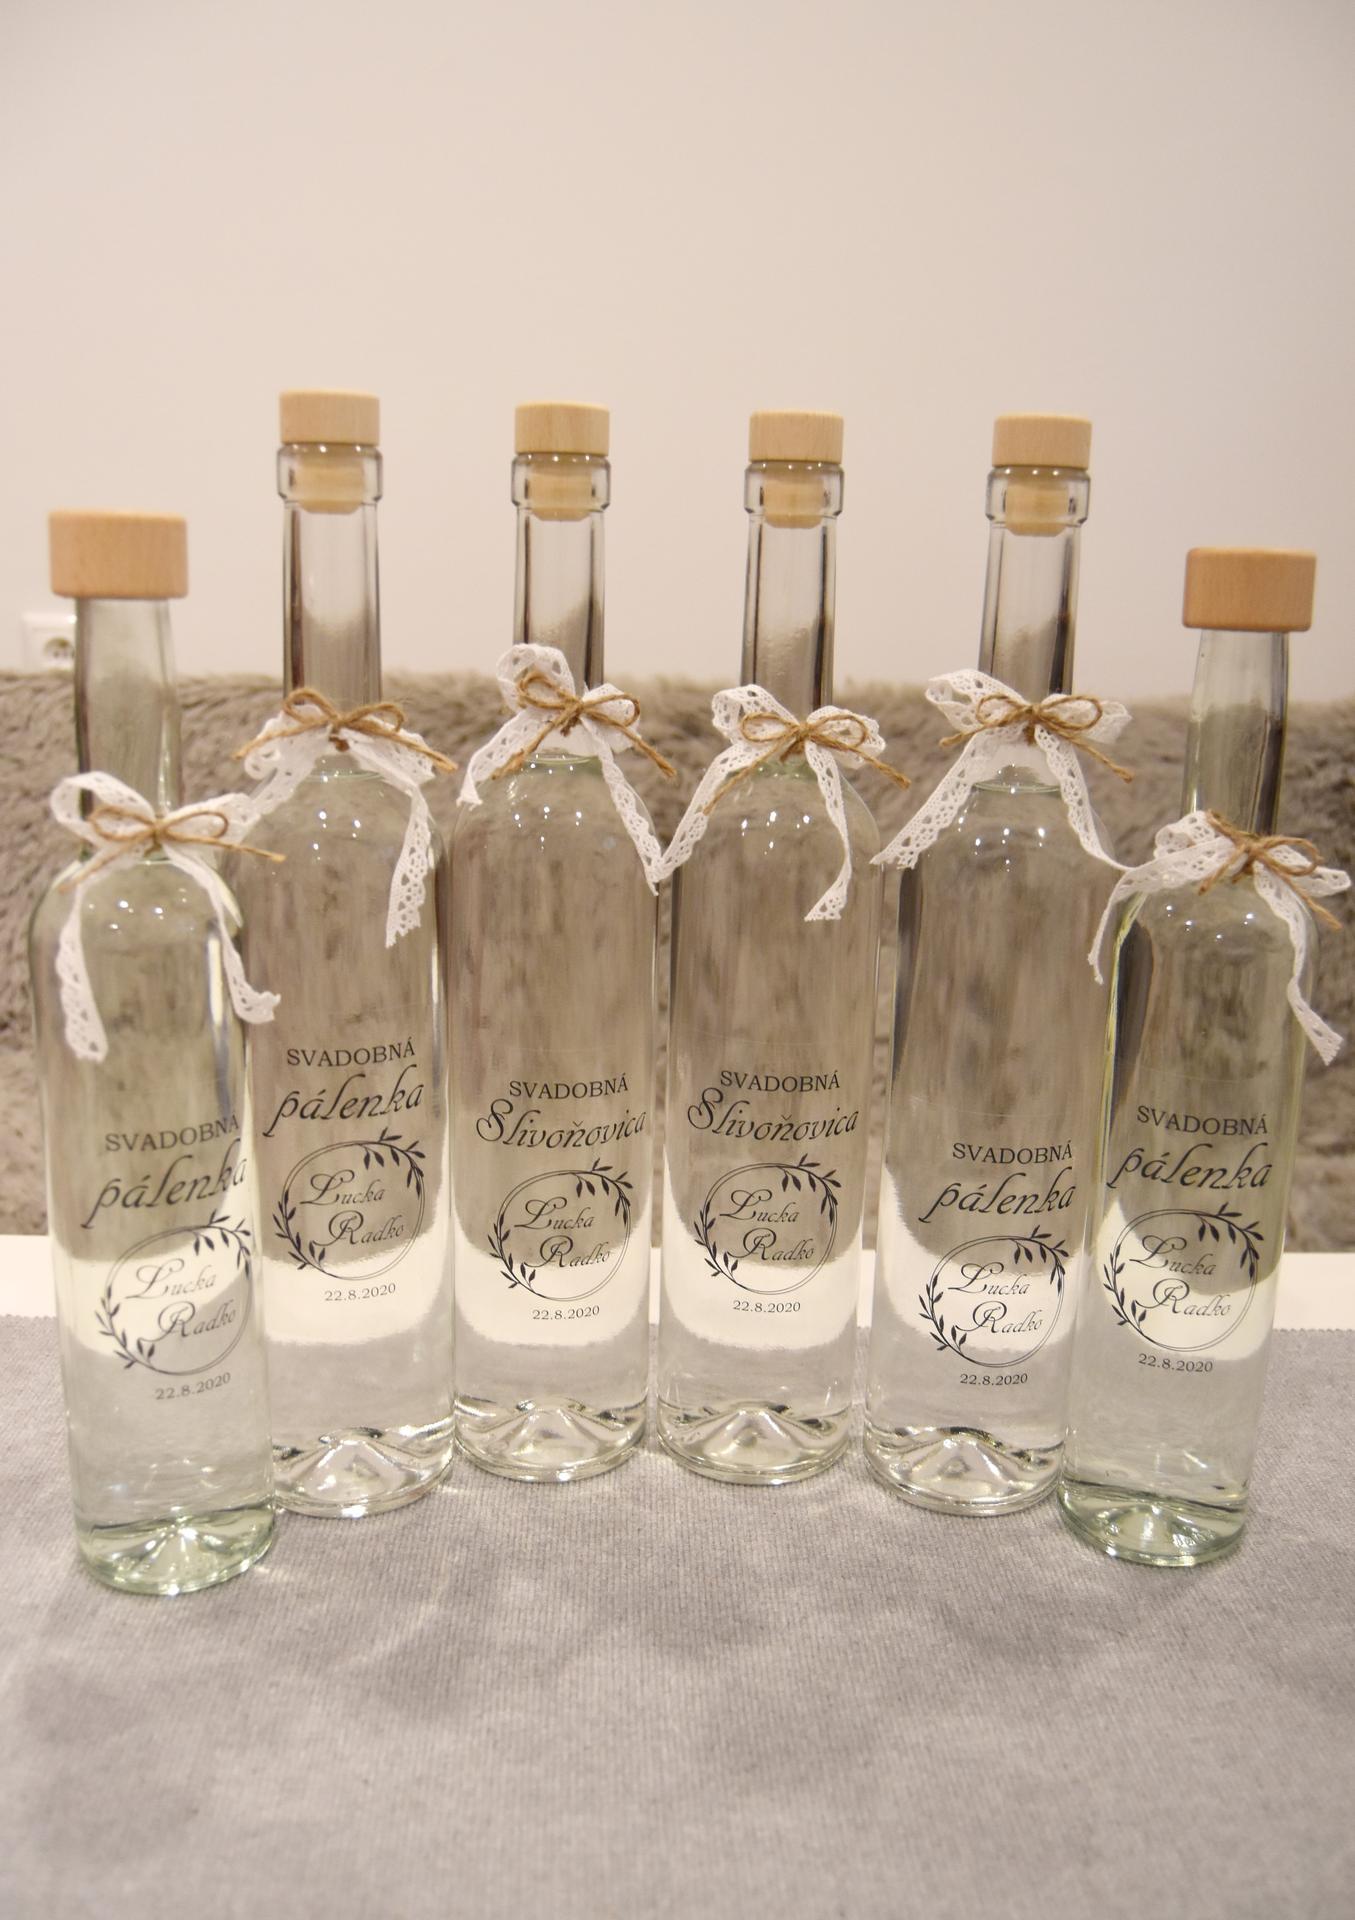 Wedding Time - výslužkové fľašky hotové :) svadobná Slivoňovica (slivovica) pôjde najbližšej rodinke a svadobná pálenka (jablkovica) ostatným hosťom :)